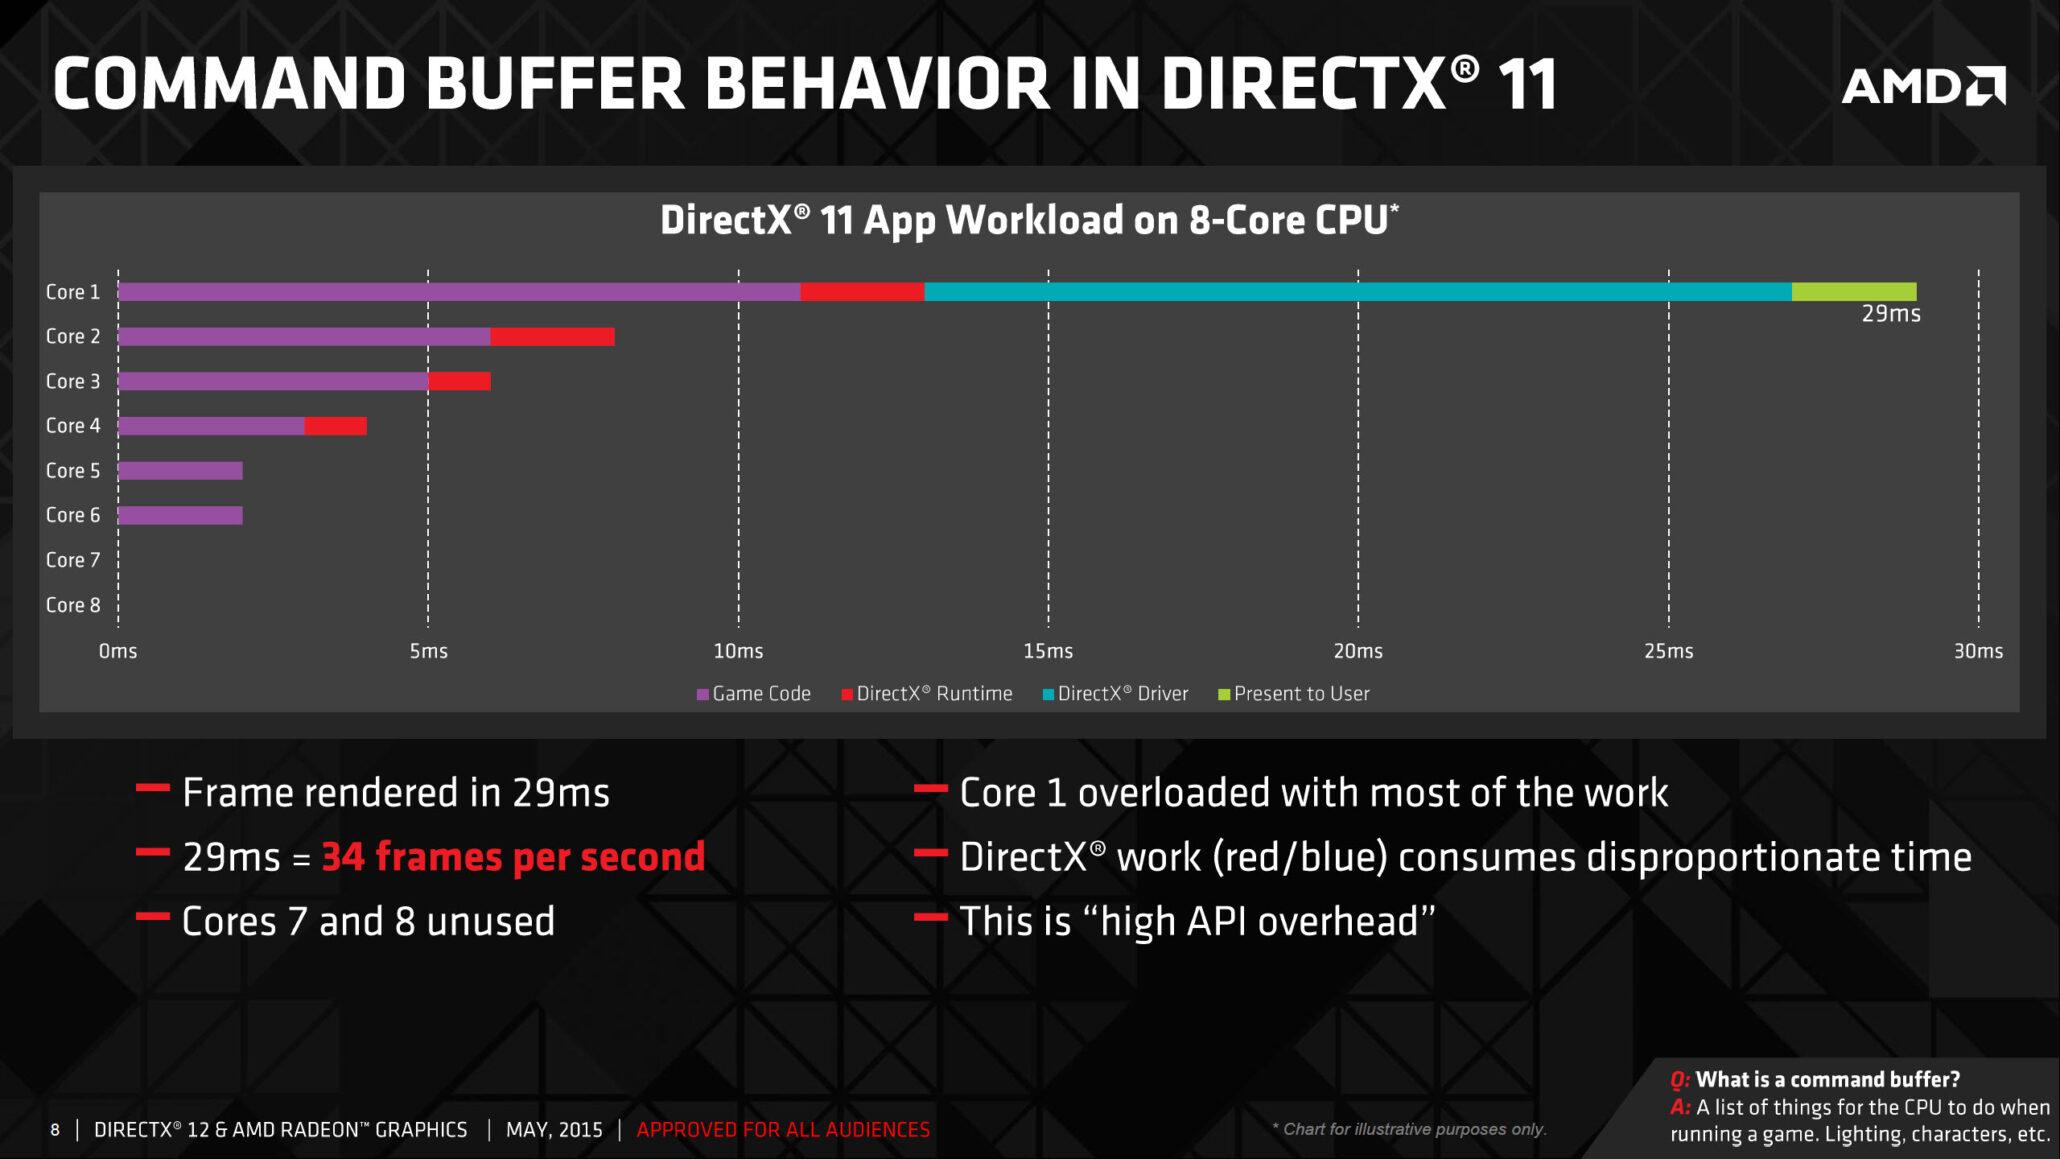 amd_directx-12_command-buffer-in-dx11-2